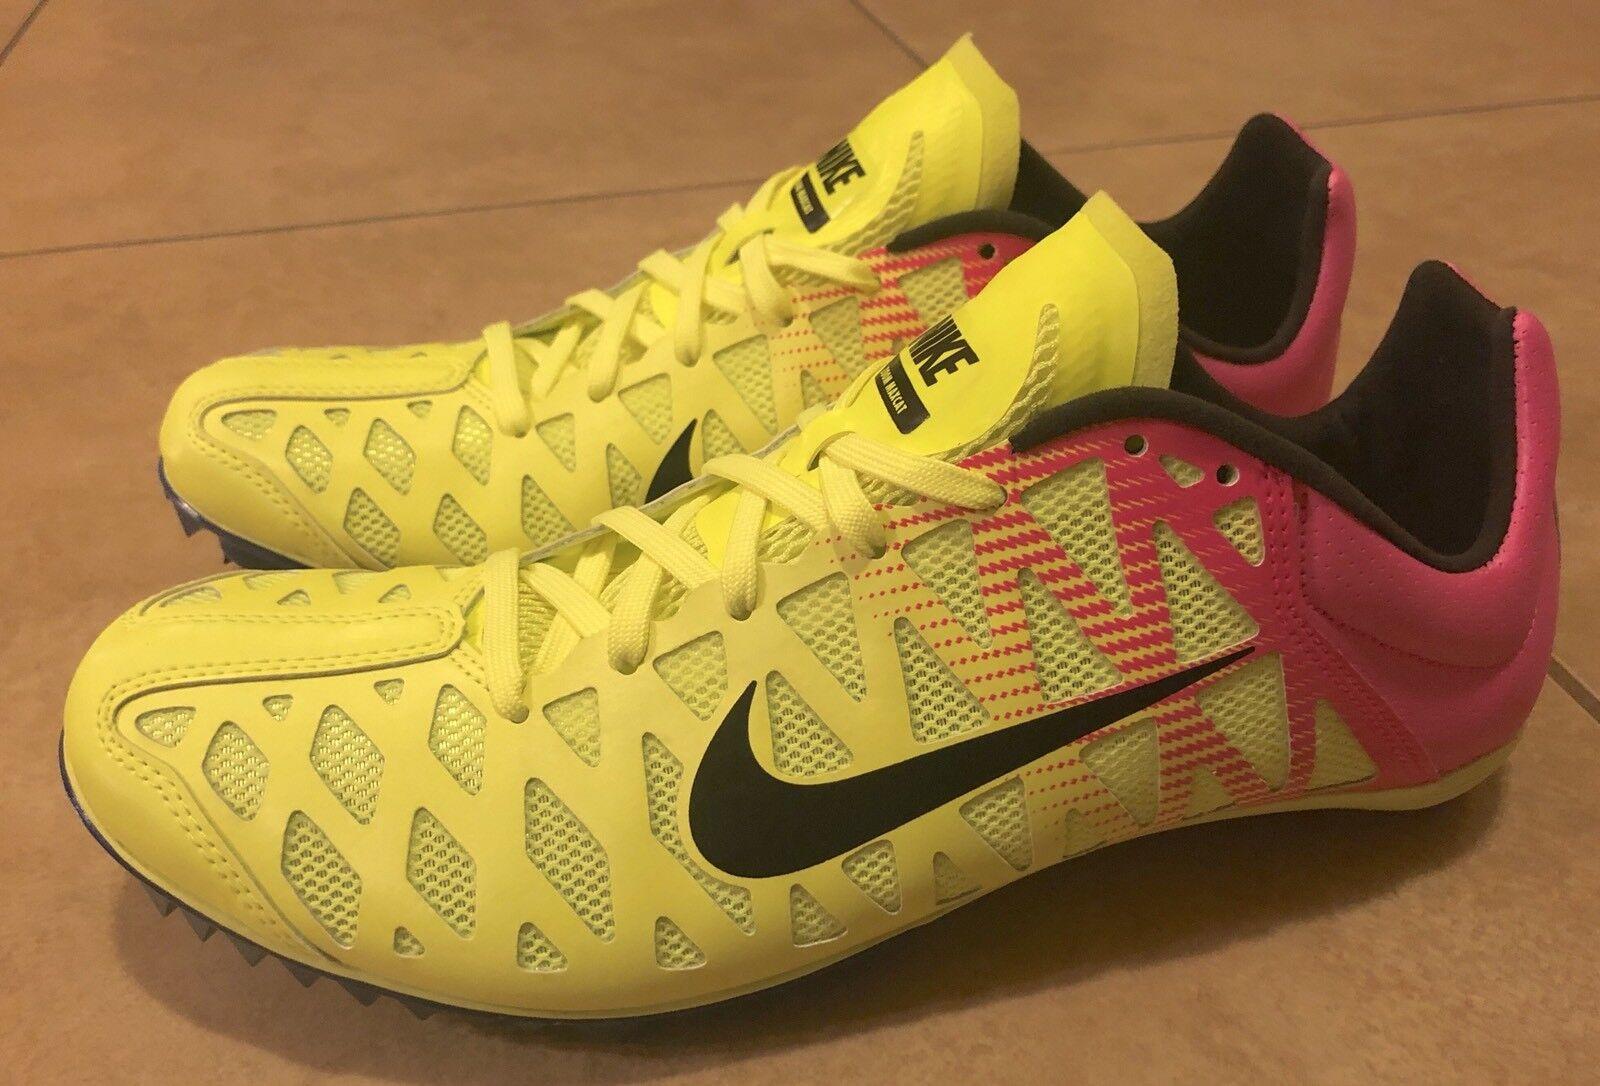 best website 0c2d6 3c07f ... Nike Mens Zoom Maxcat 4 Sprint Track Field Field Field Spikes Volt Pink  549150-999 ...